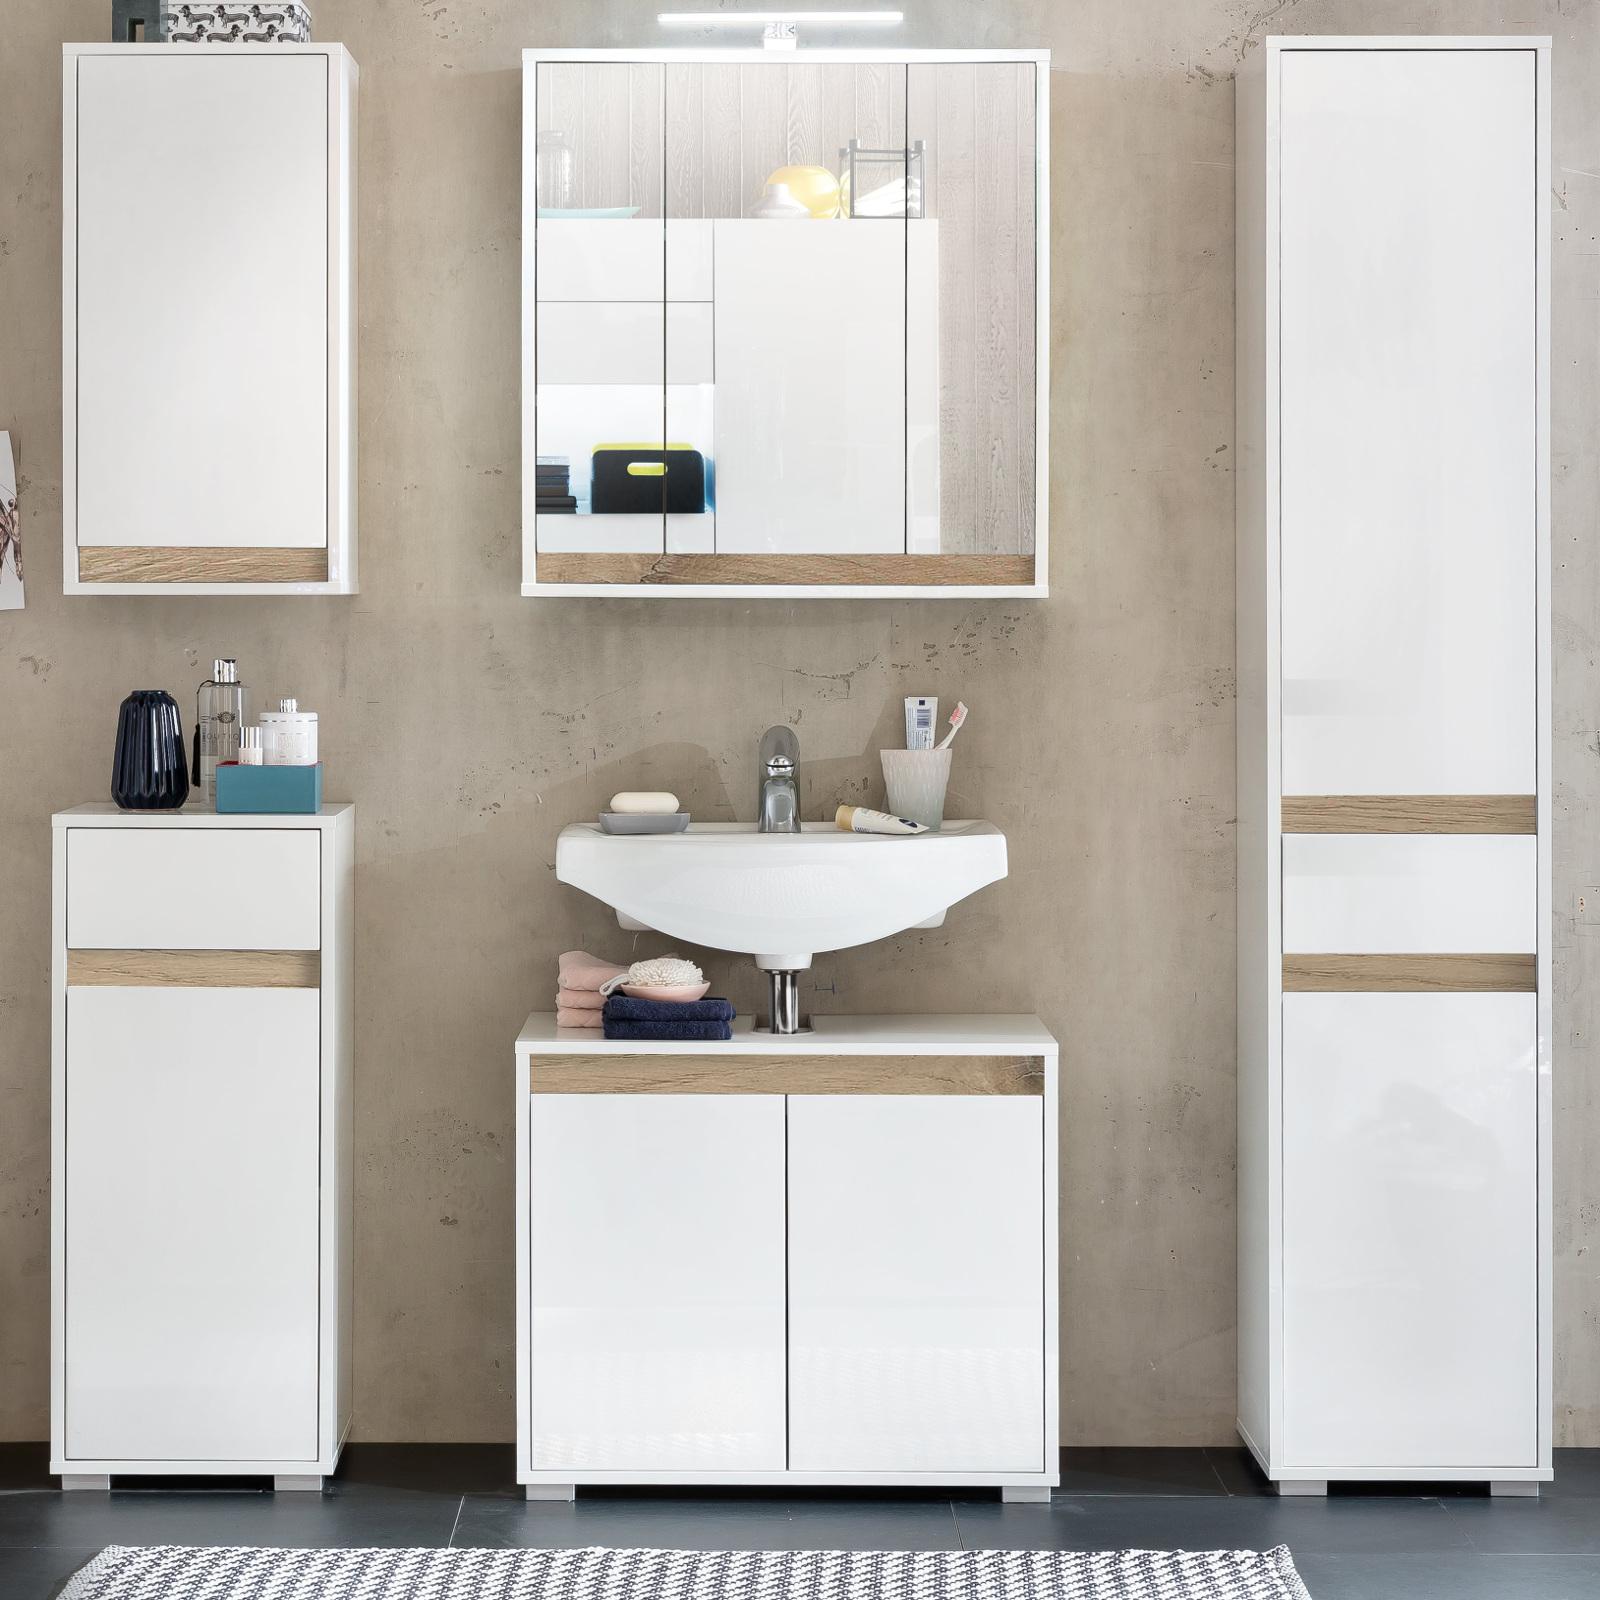 bad h ngeschrank sol hochglanz wei und alteiche. Black Bedroom Furniture Sets. Home Design Ideas